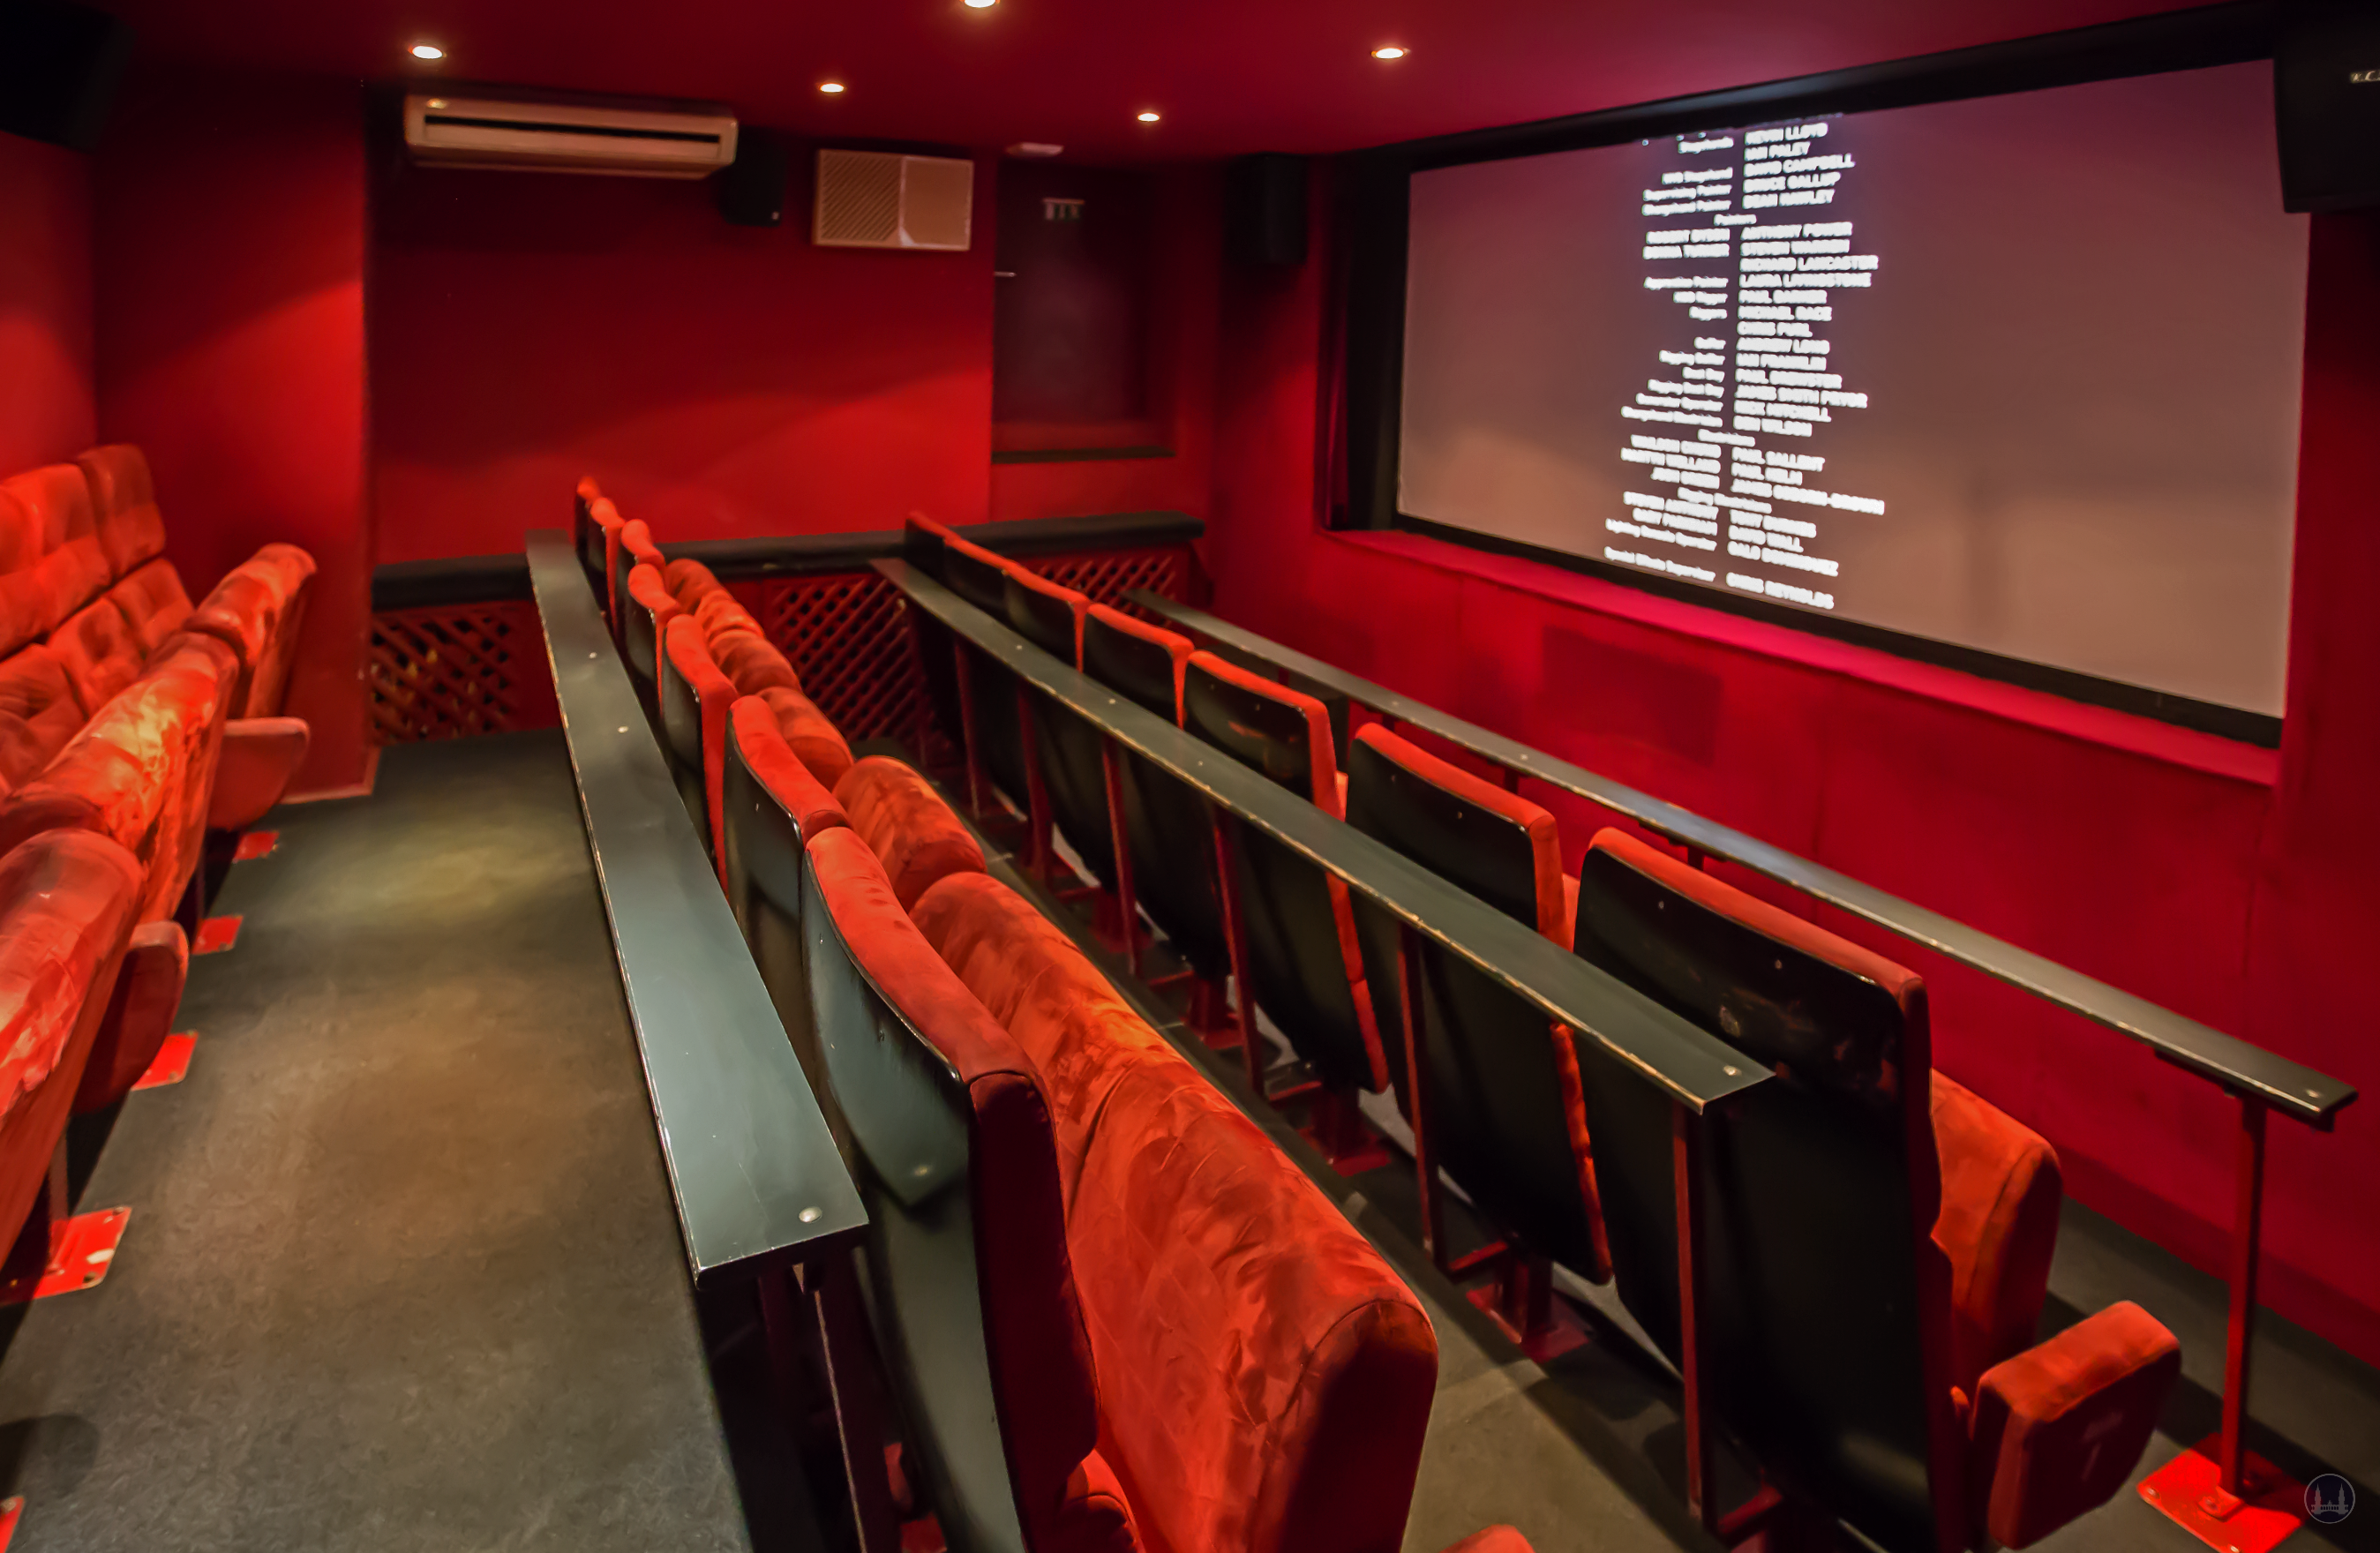 Berlin. Das Kino Thalia in Lankwitz. Kleiner Kinosaal.